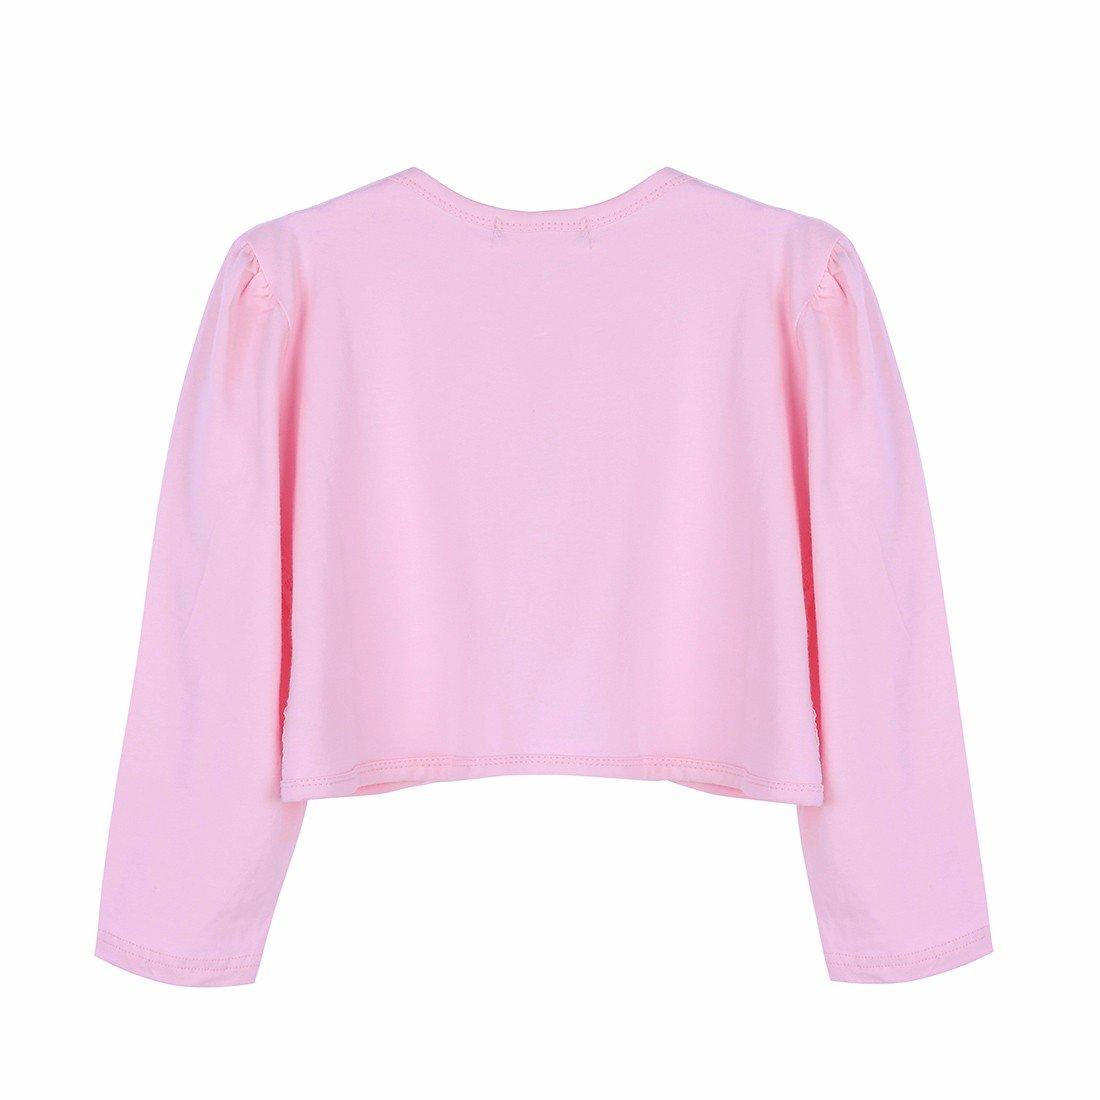 a8330e2b1dd10 FEESHOW Kids Girls Long Sleeves Beaded Lace Bolero Jacket Shrug Short  Cardigan Dress Cover Up larger image